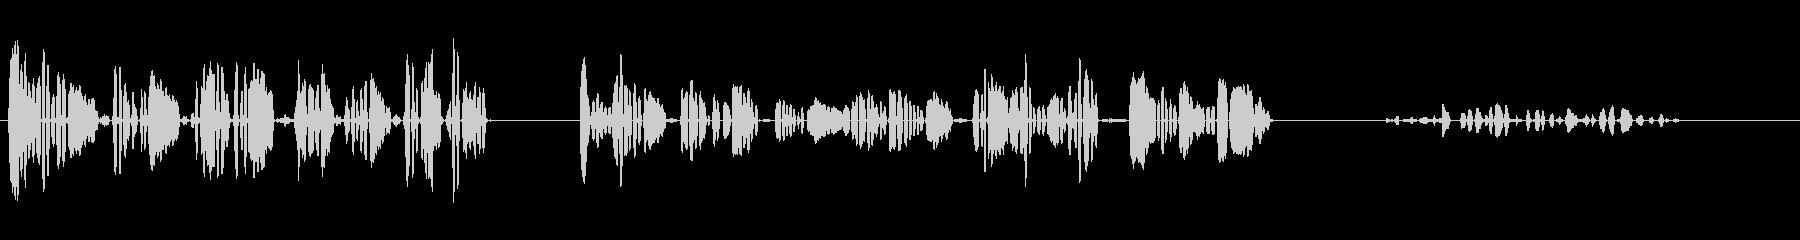 ホイッスル-3バージョンの未再生の波形